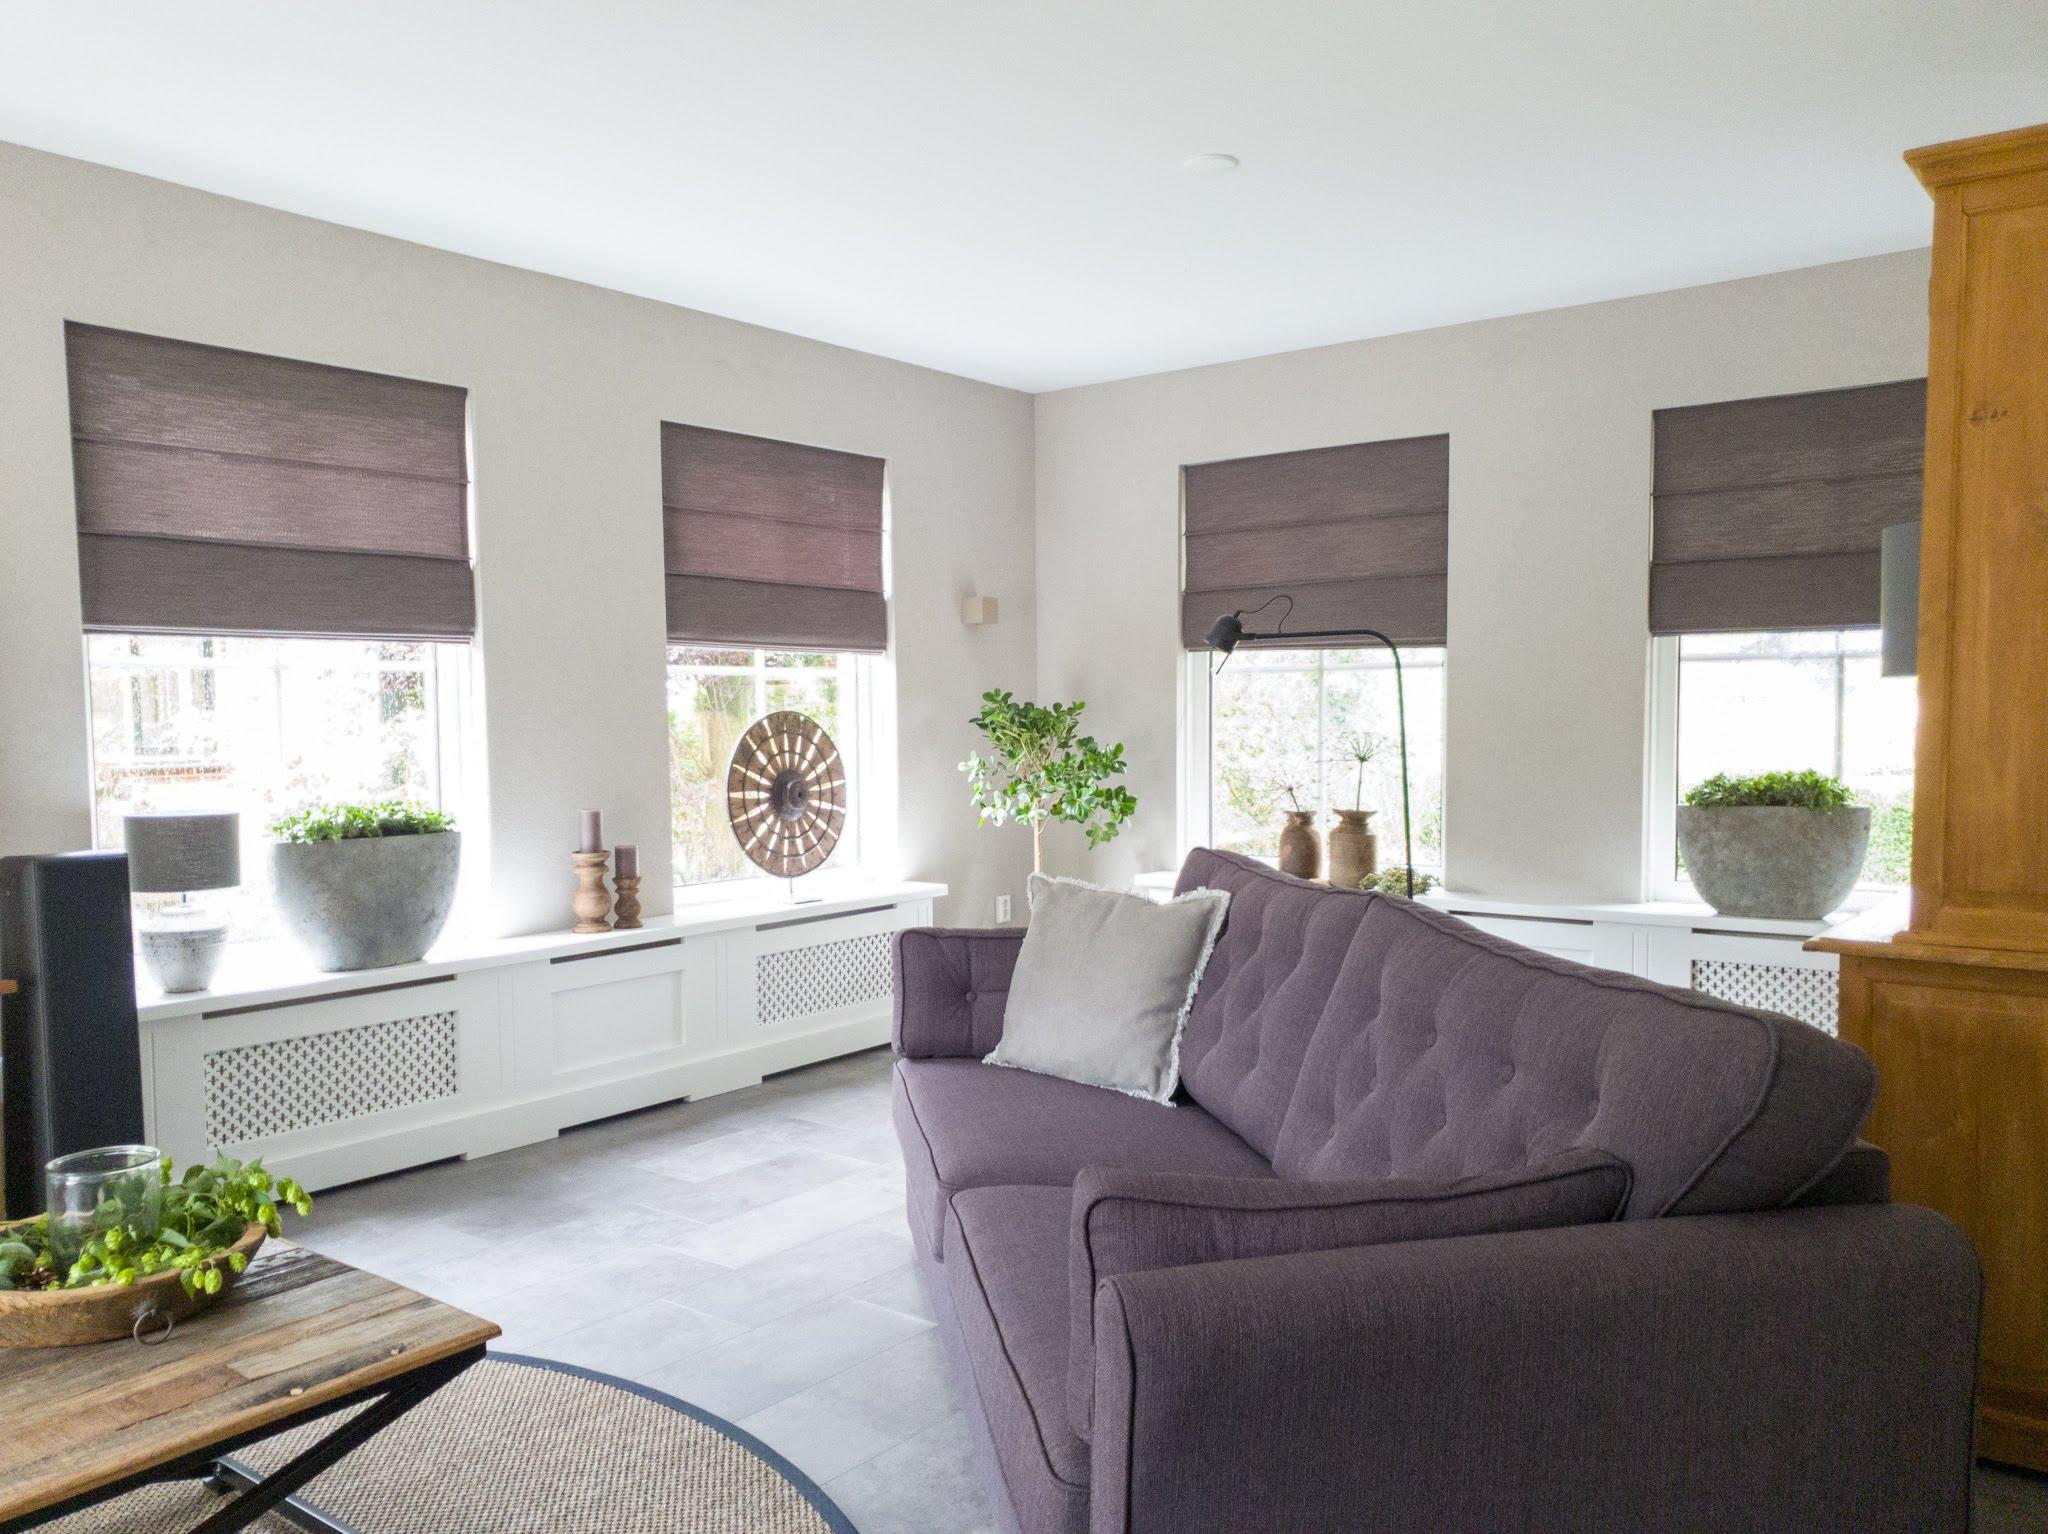 Landelijke herinrichting woonkamer keuken sandra's interieurstyling (3)